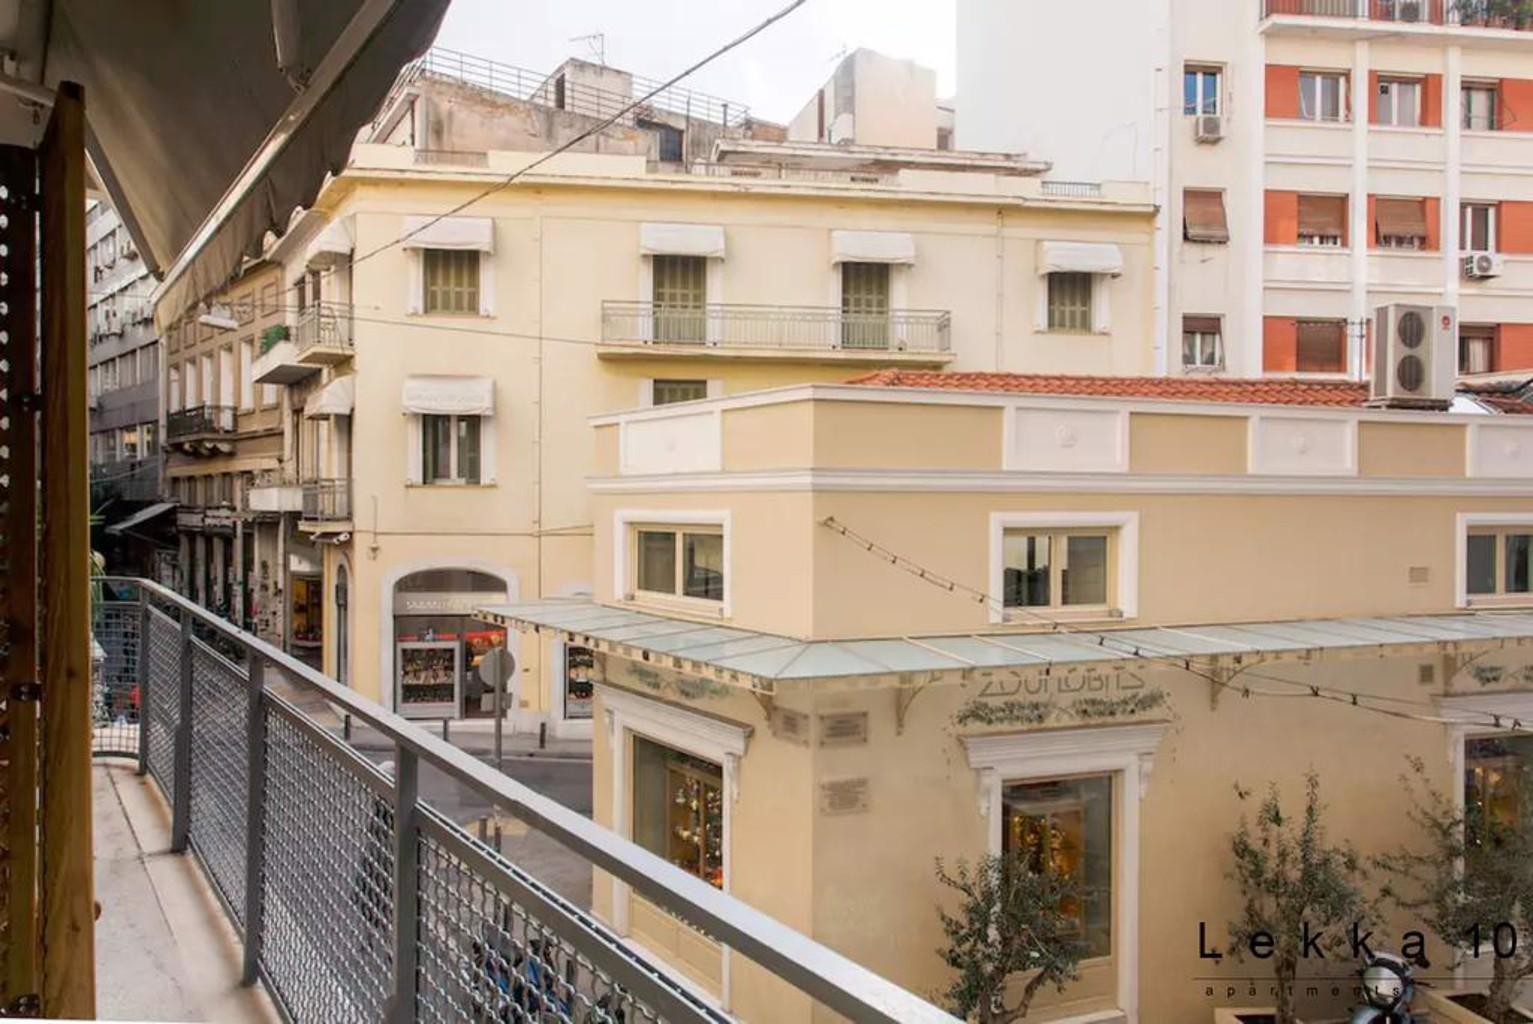 Lekka 10 Apartments